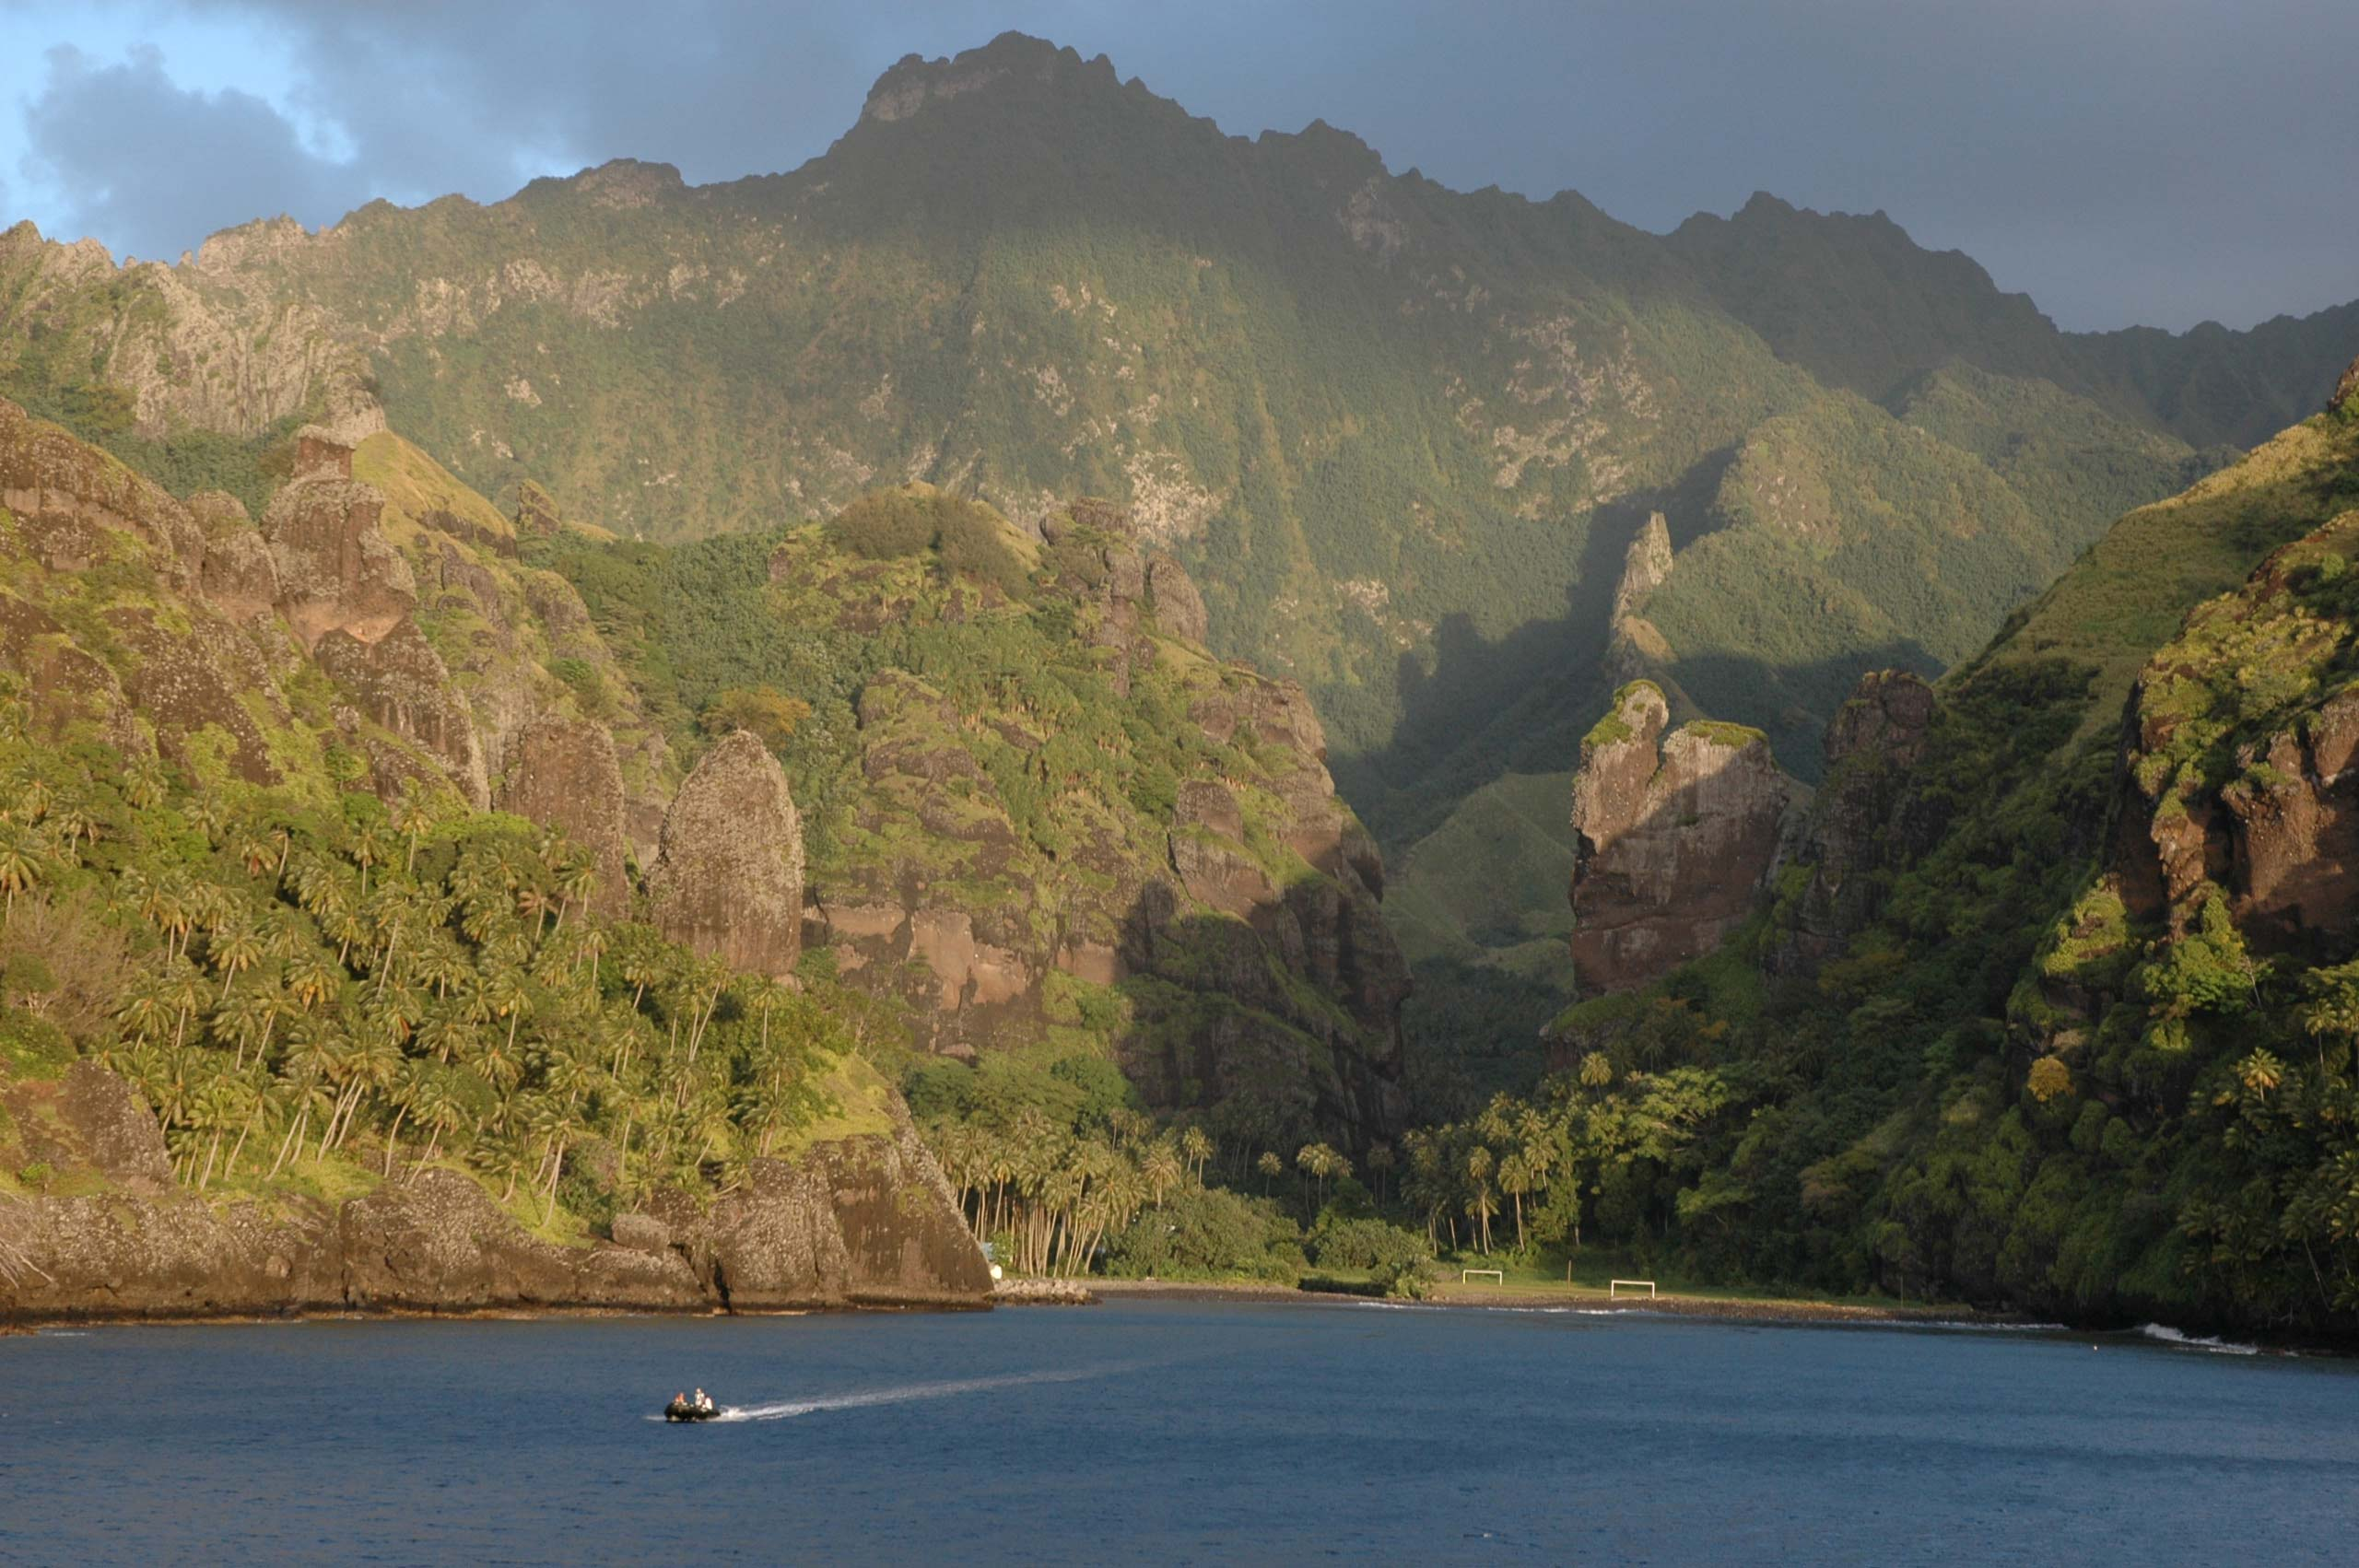 Marquesas Islands, Polynesia